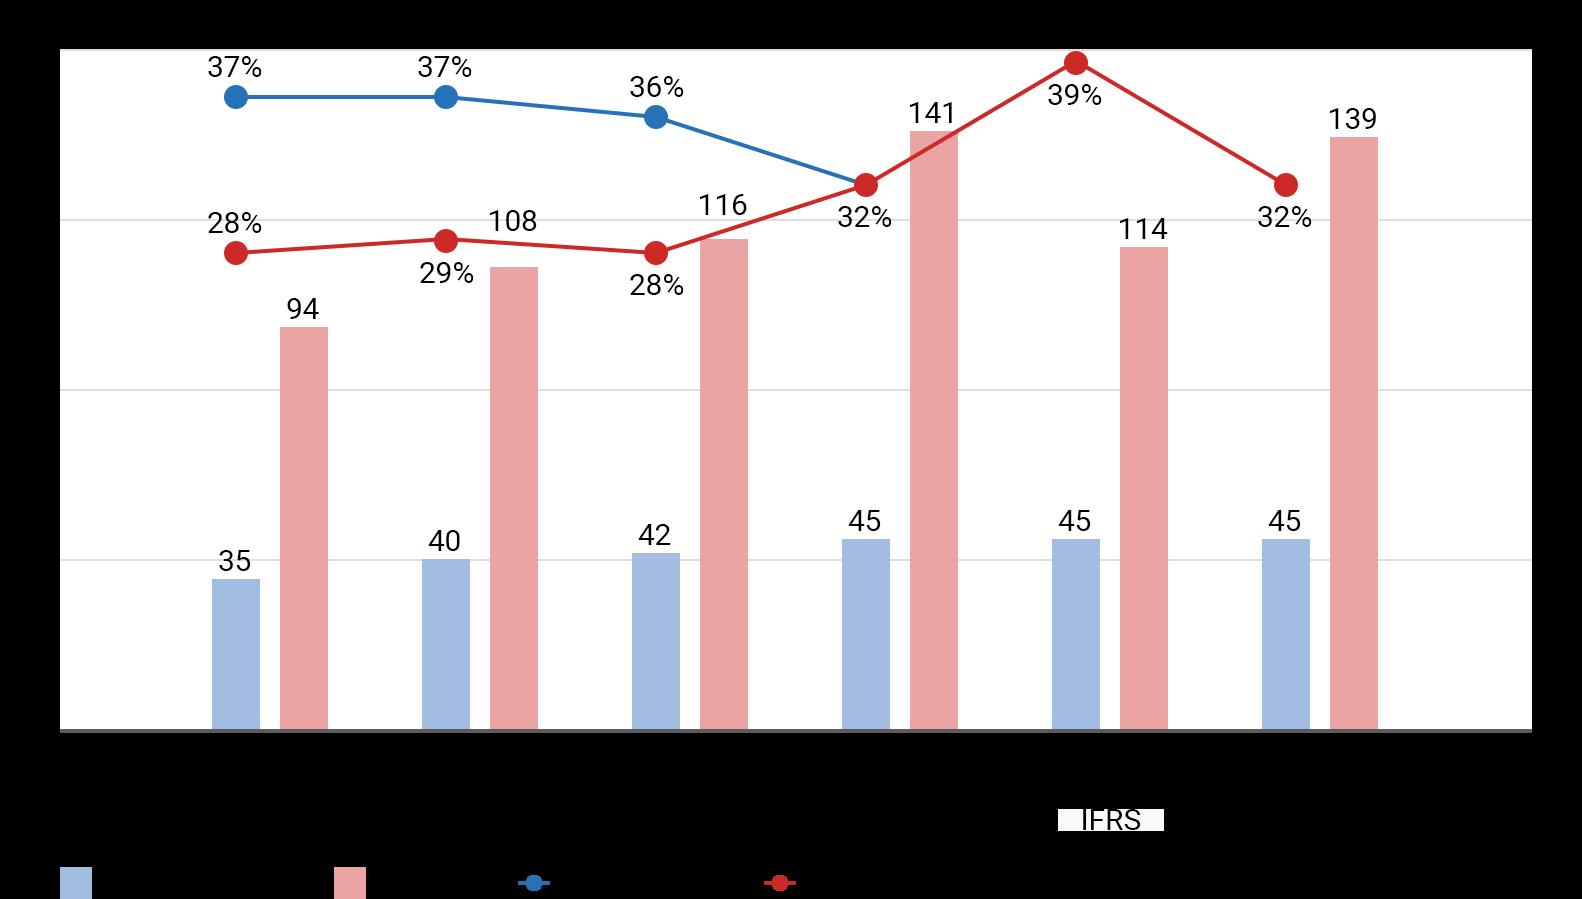 配当金と配当性向の推移のグラフ